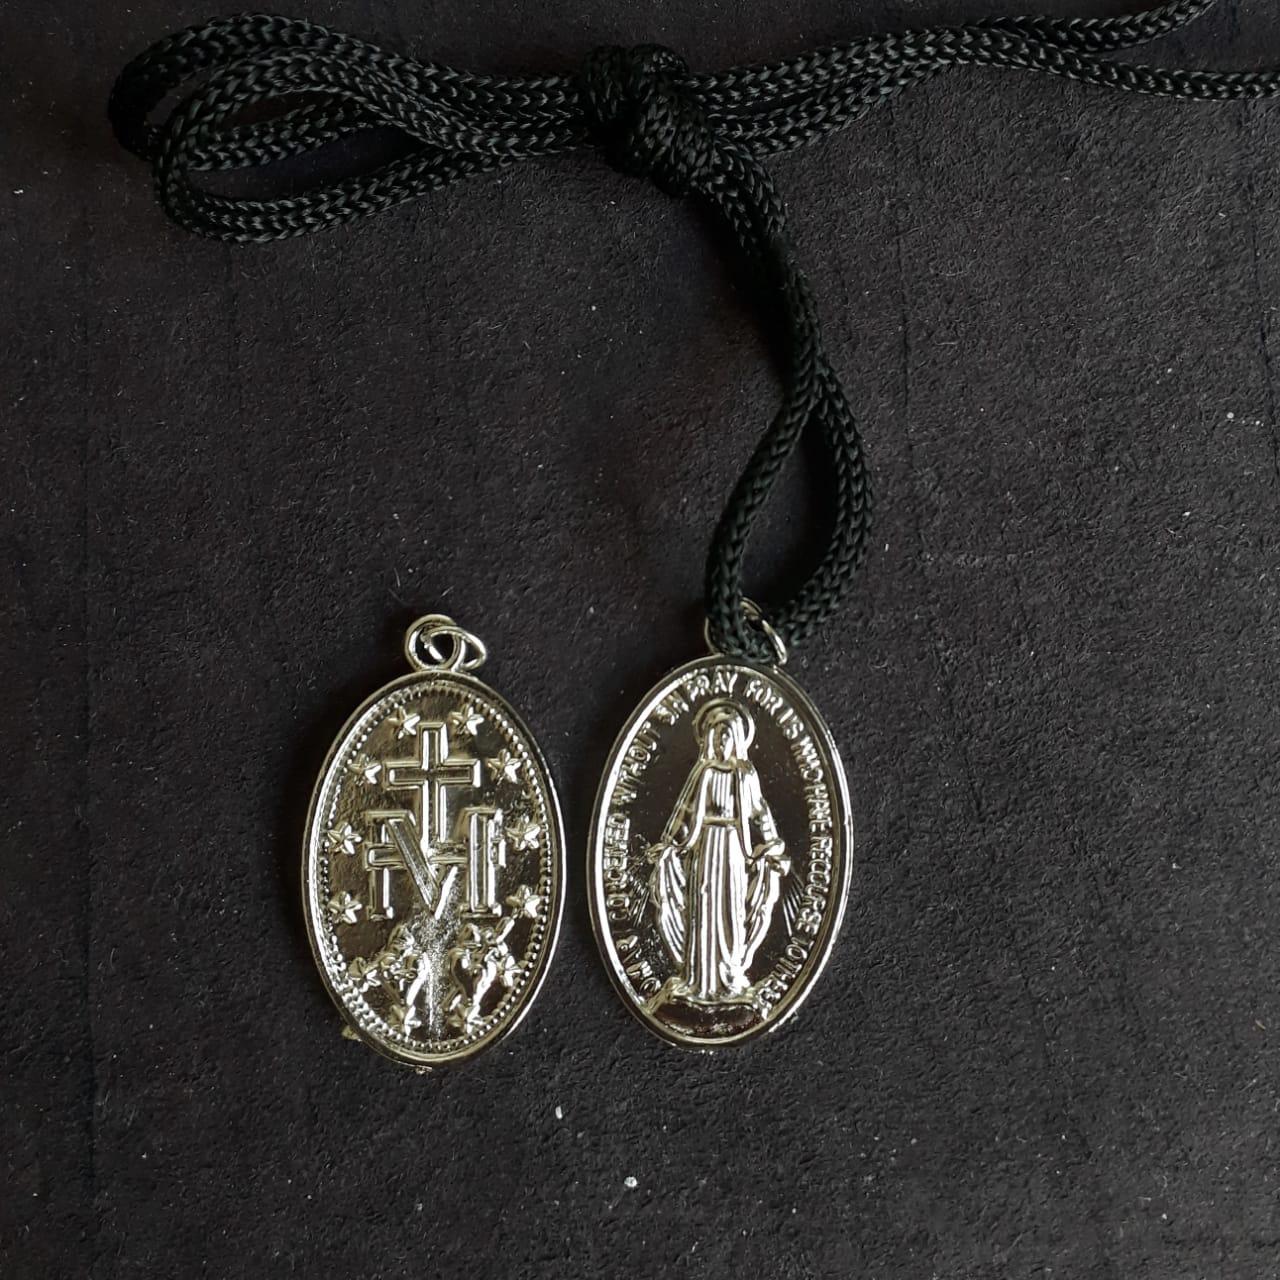 CR136 - Cordão Medalha Nossa Senhora das Graças 36mm Niquel  - VindVedShop - Distribuidora Catolica